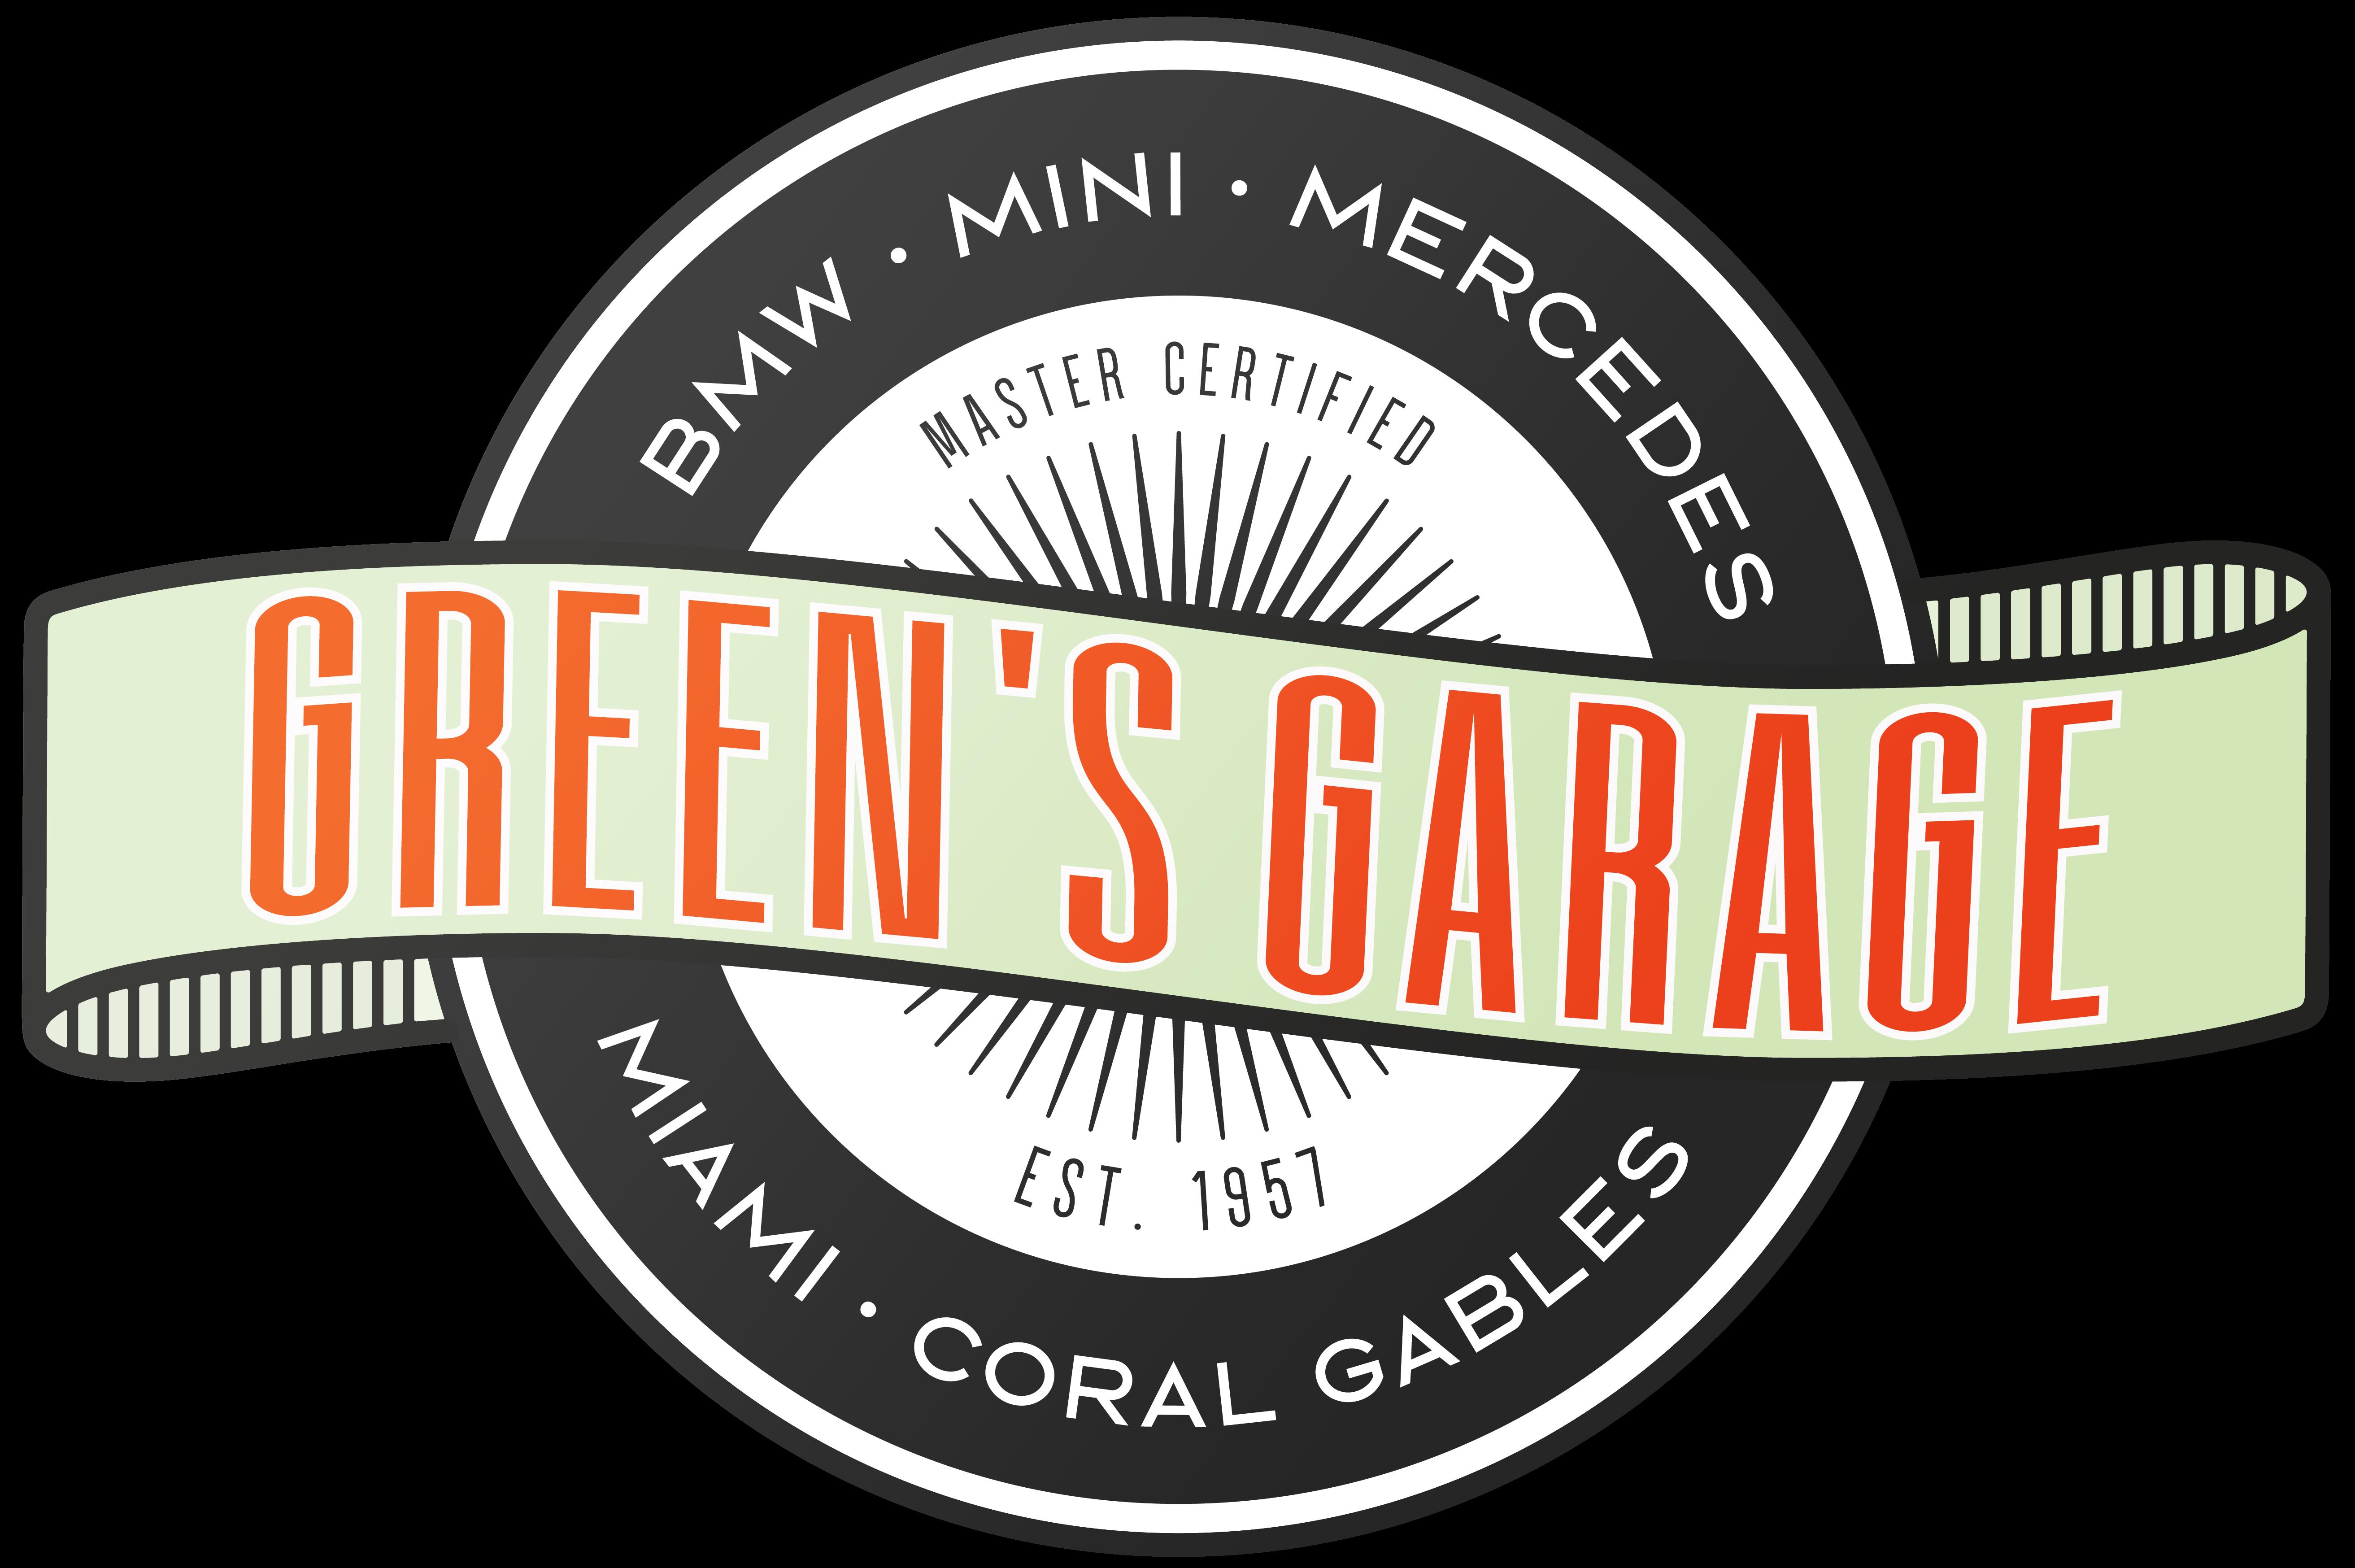 Green's Garage